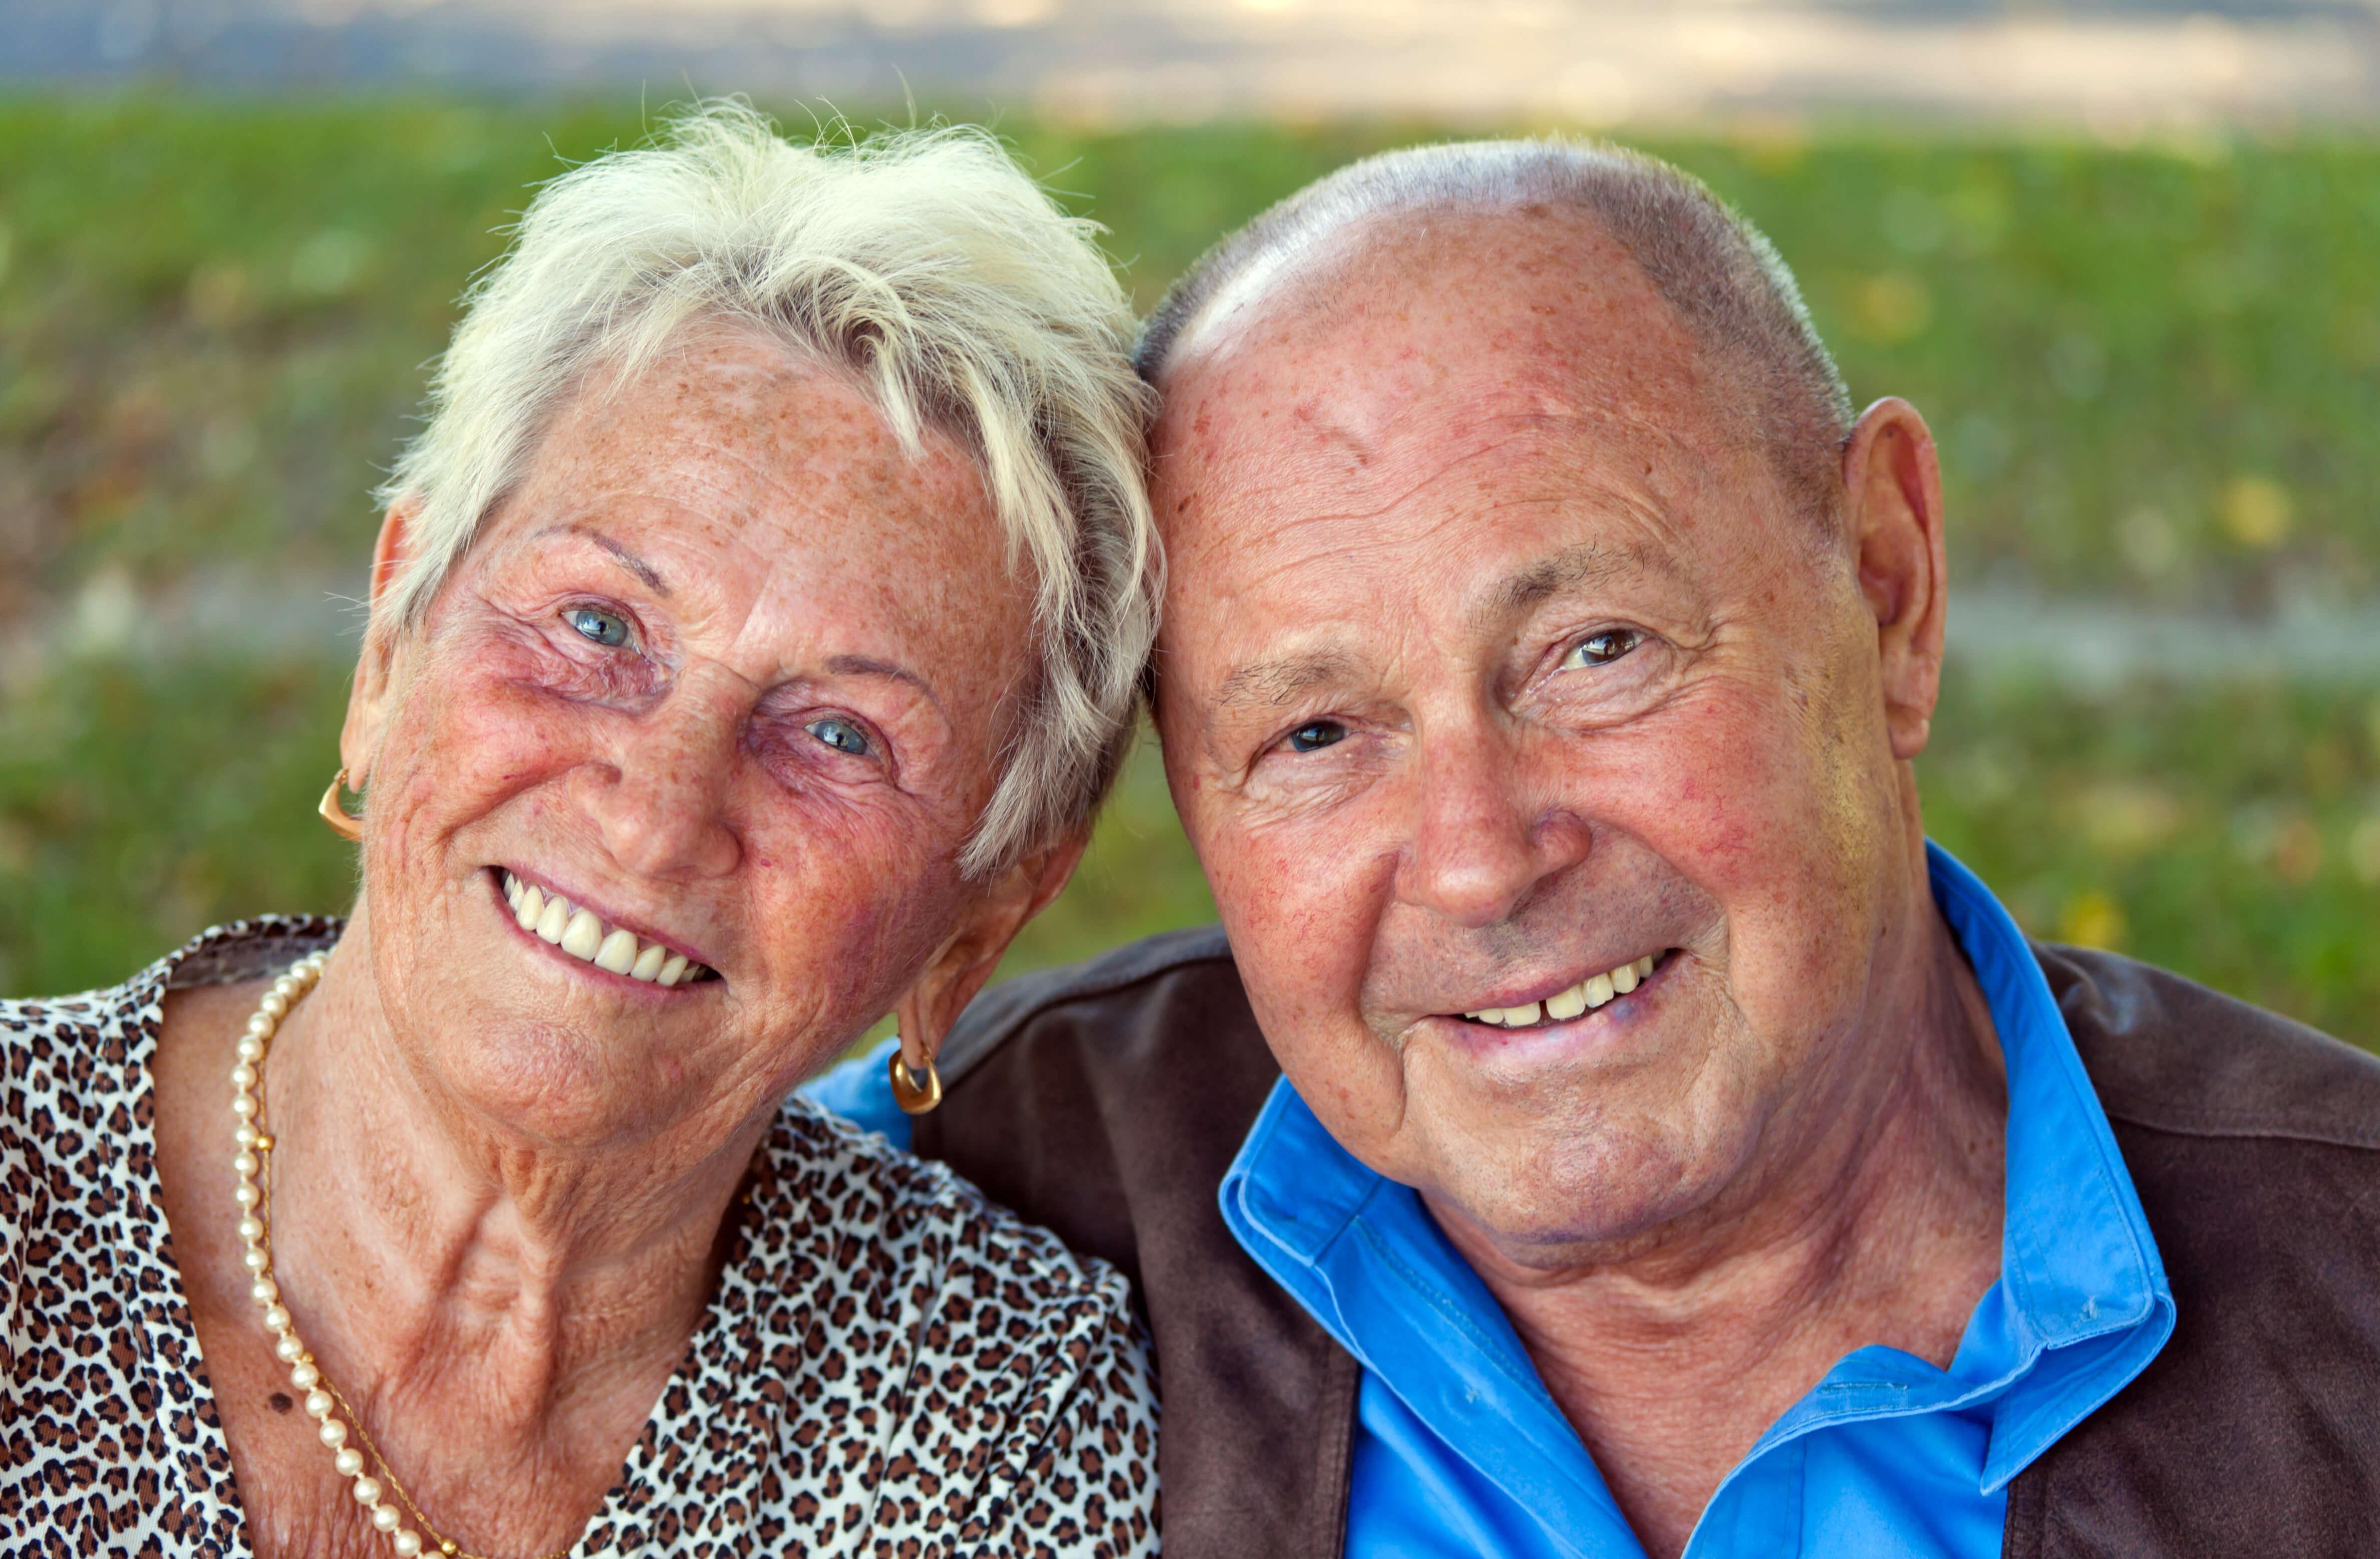 Älter werden mit den eigenen Zähnen bedeutet Lebensqualität